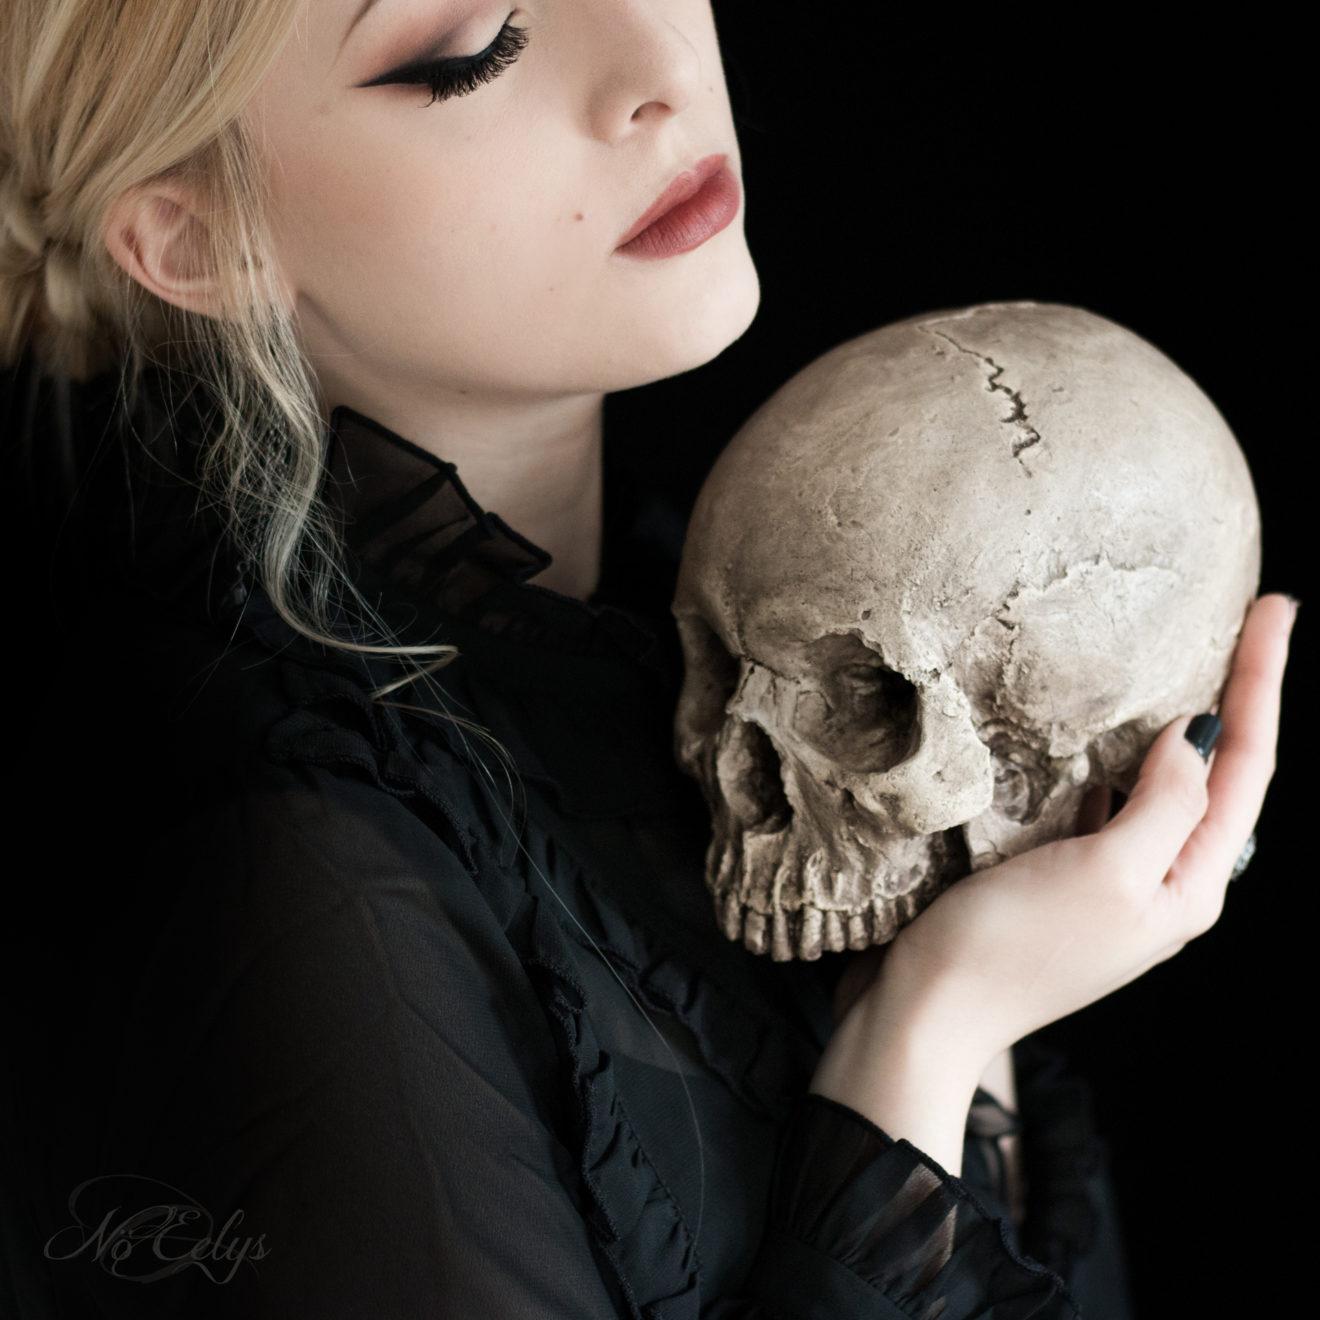 Portrait gothique romantique victorien avec réplique de crâne par No Eelys photographe, modèle et blogueuse alternative Paris Ile de France (Le Boudoir de Nö)